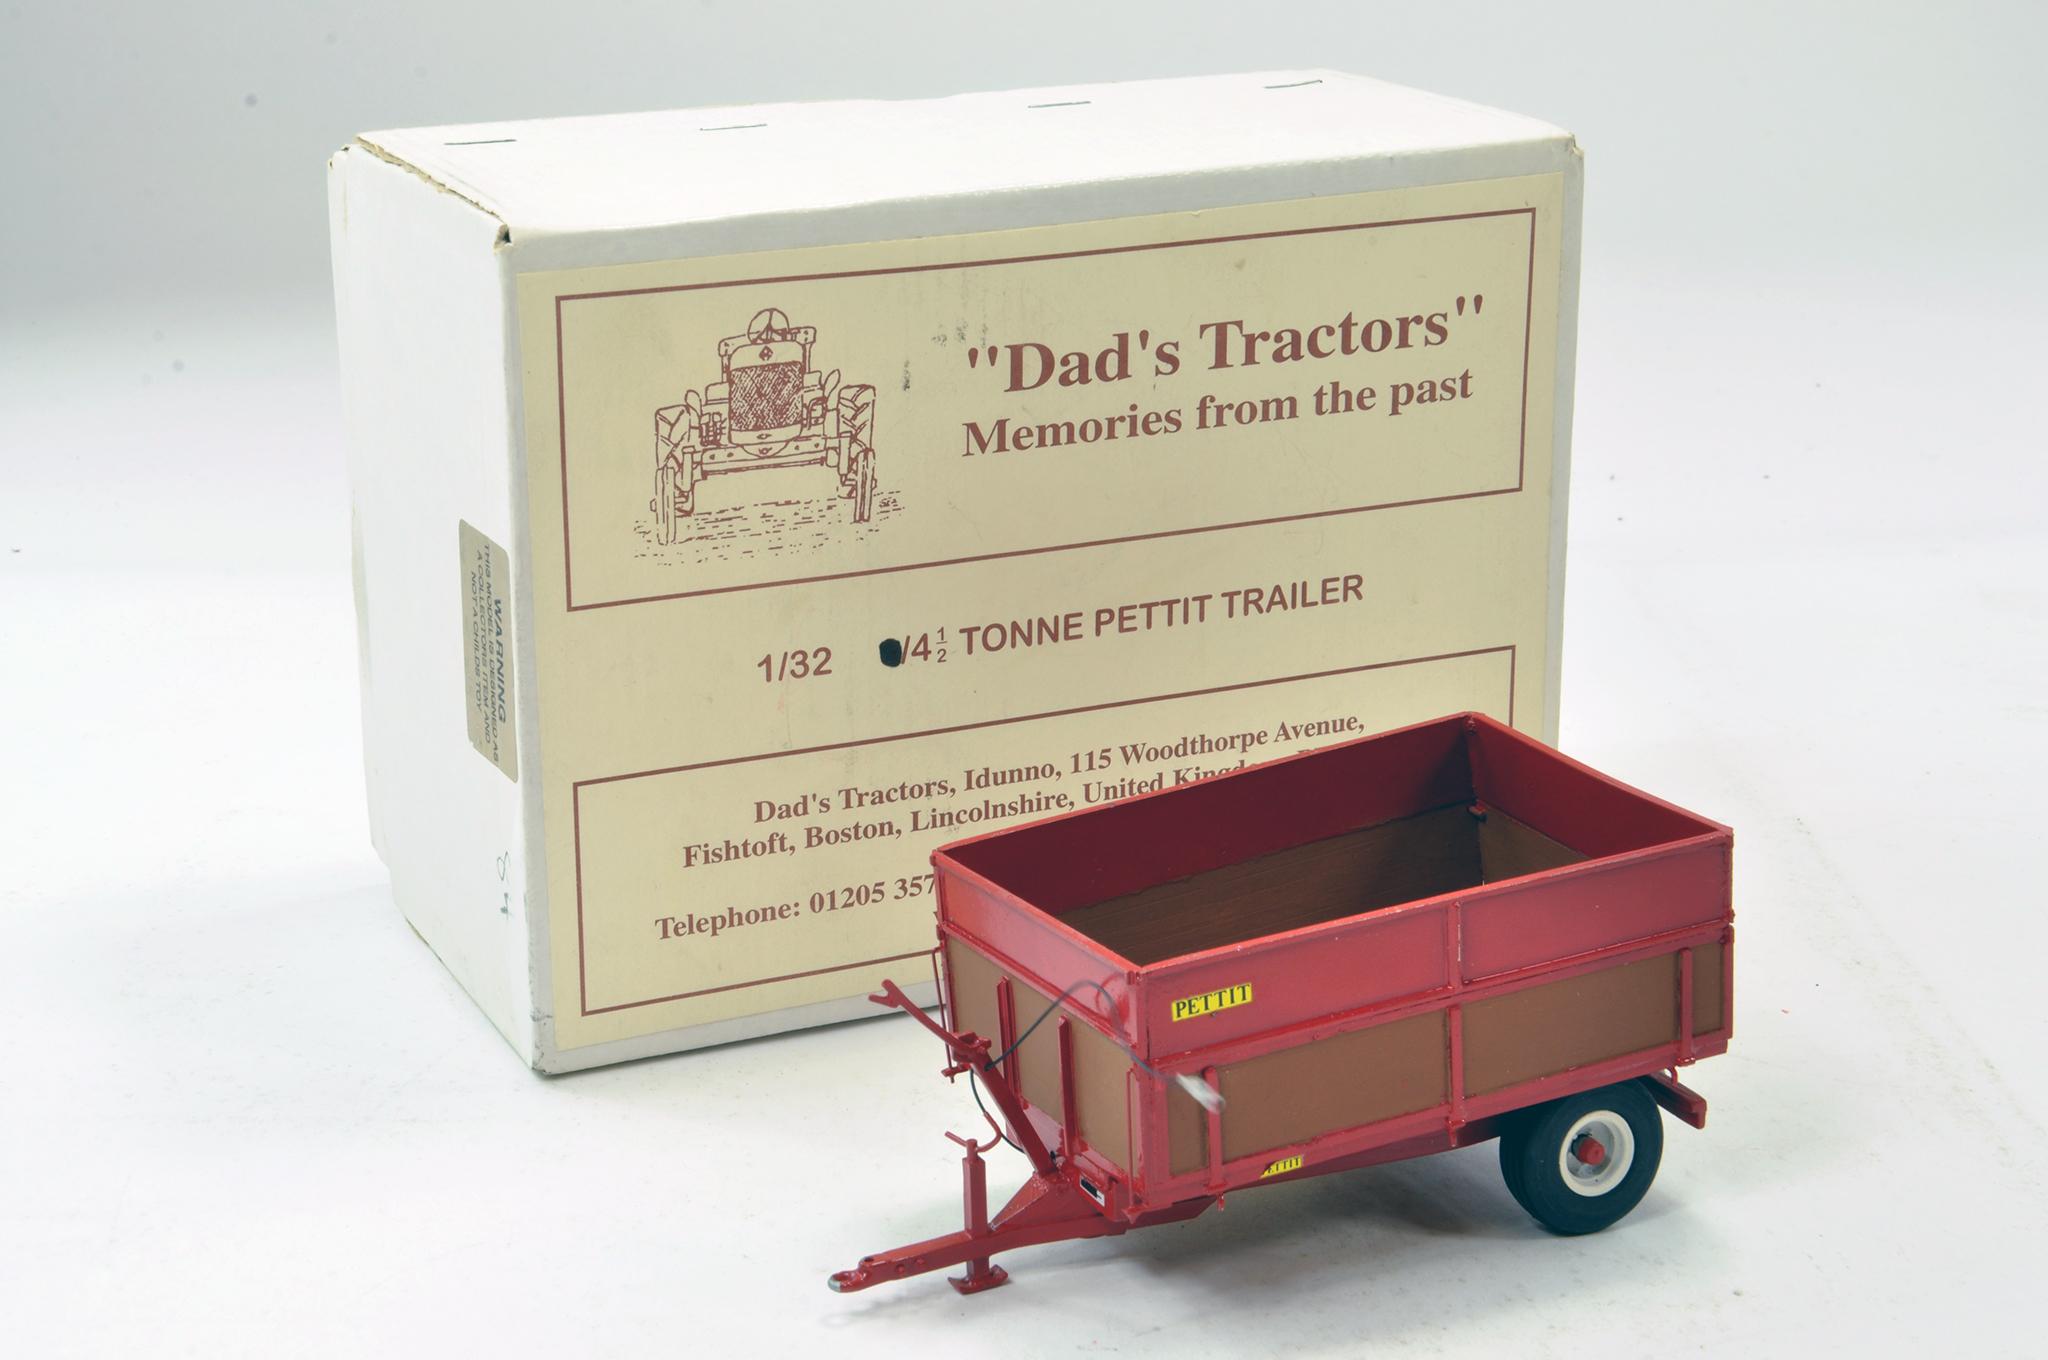 Lot 228 - Dads Tractors 1/32 Hand Built Pettit 4.5 Tonne Trailer. Excellent.